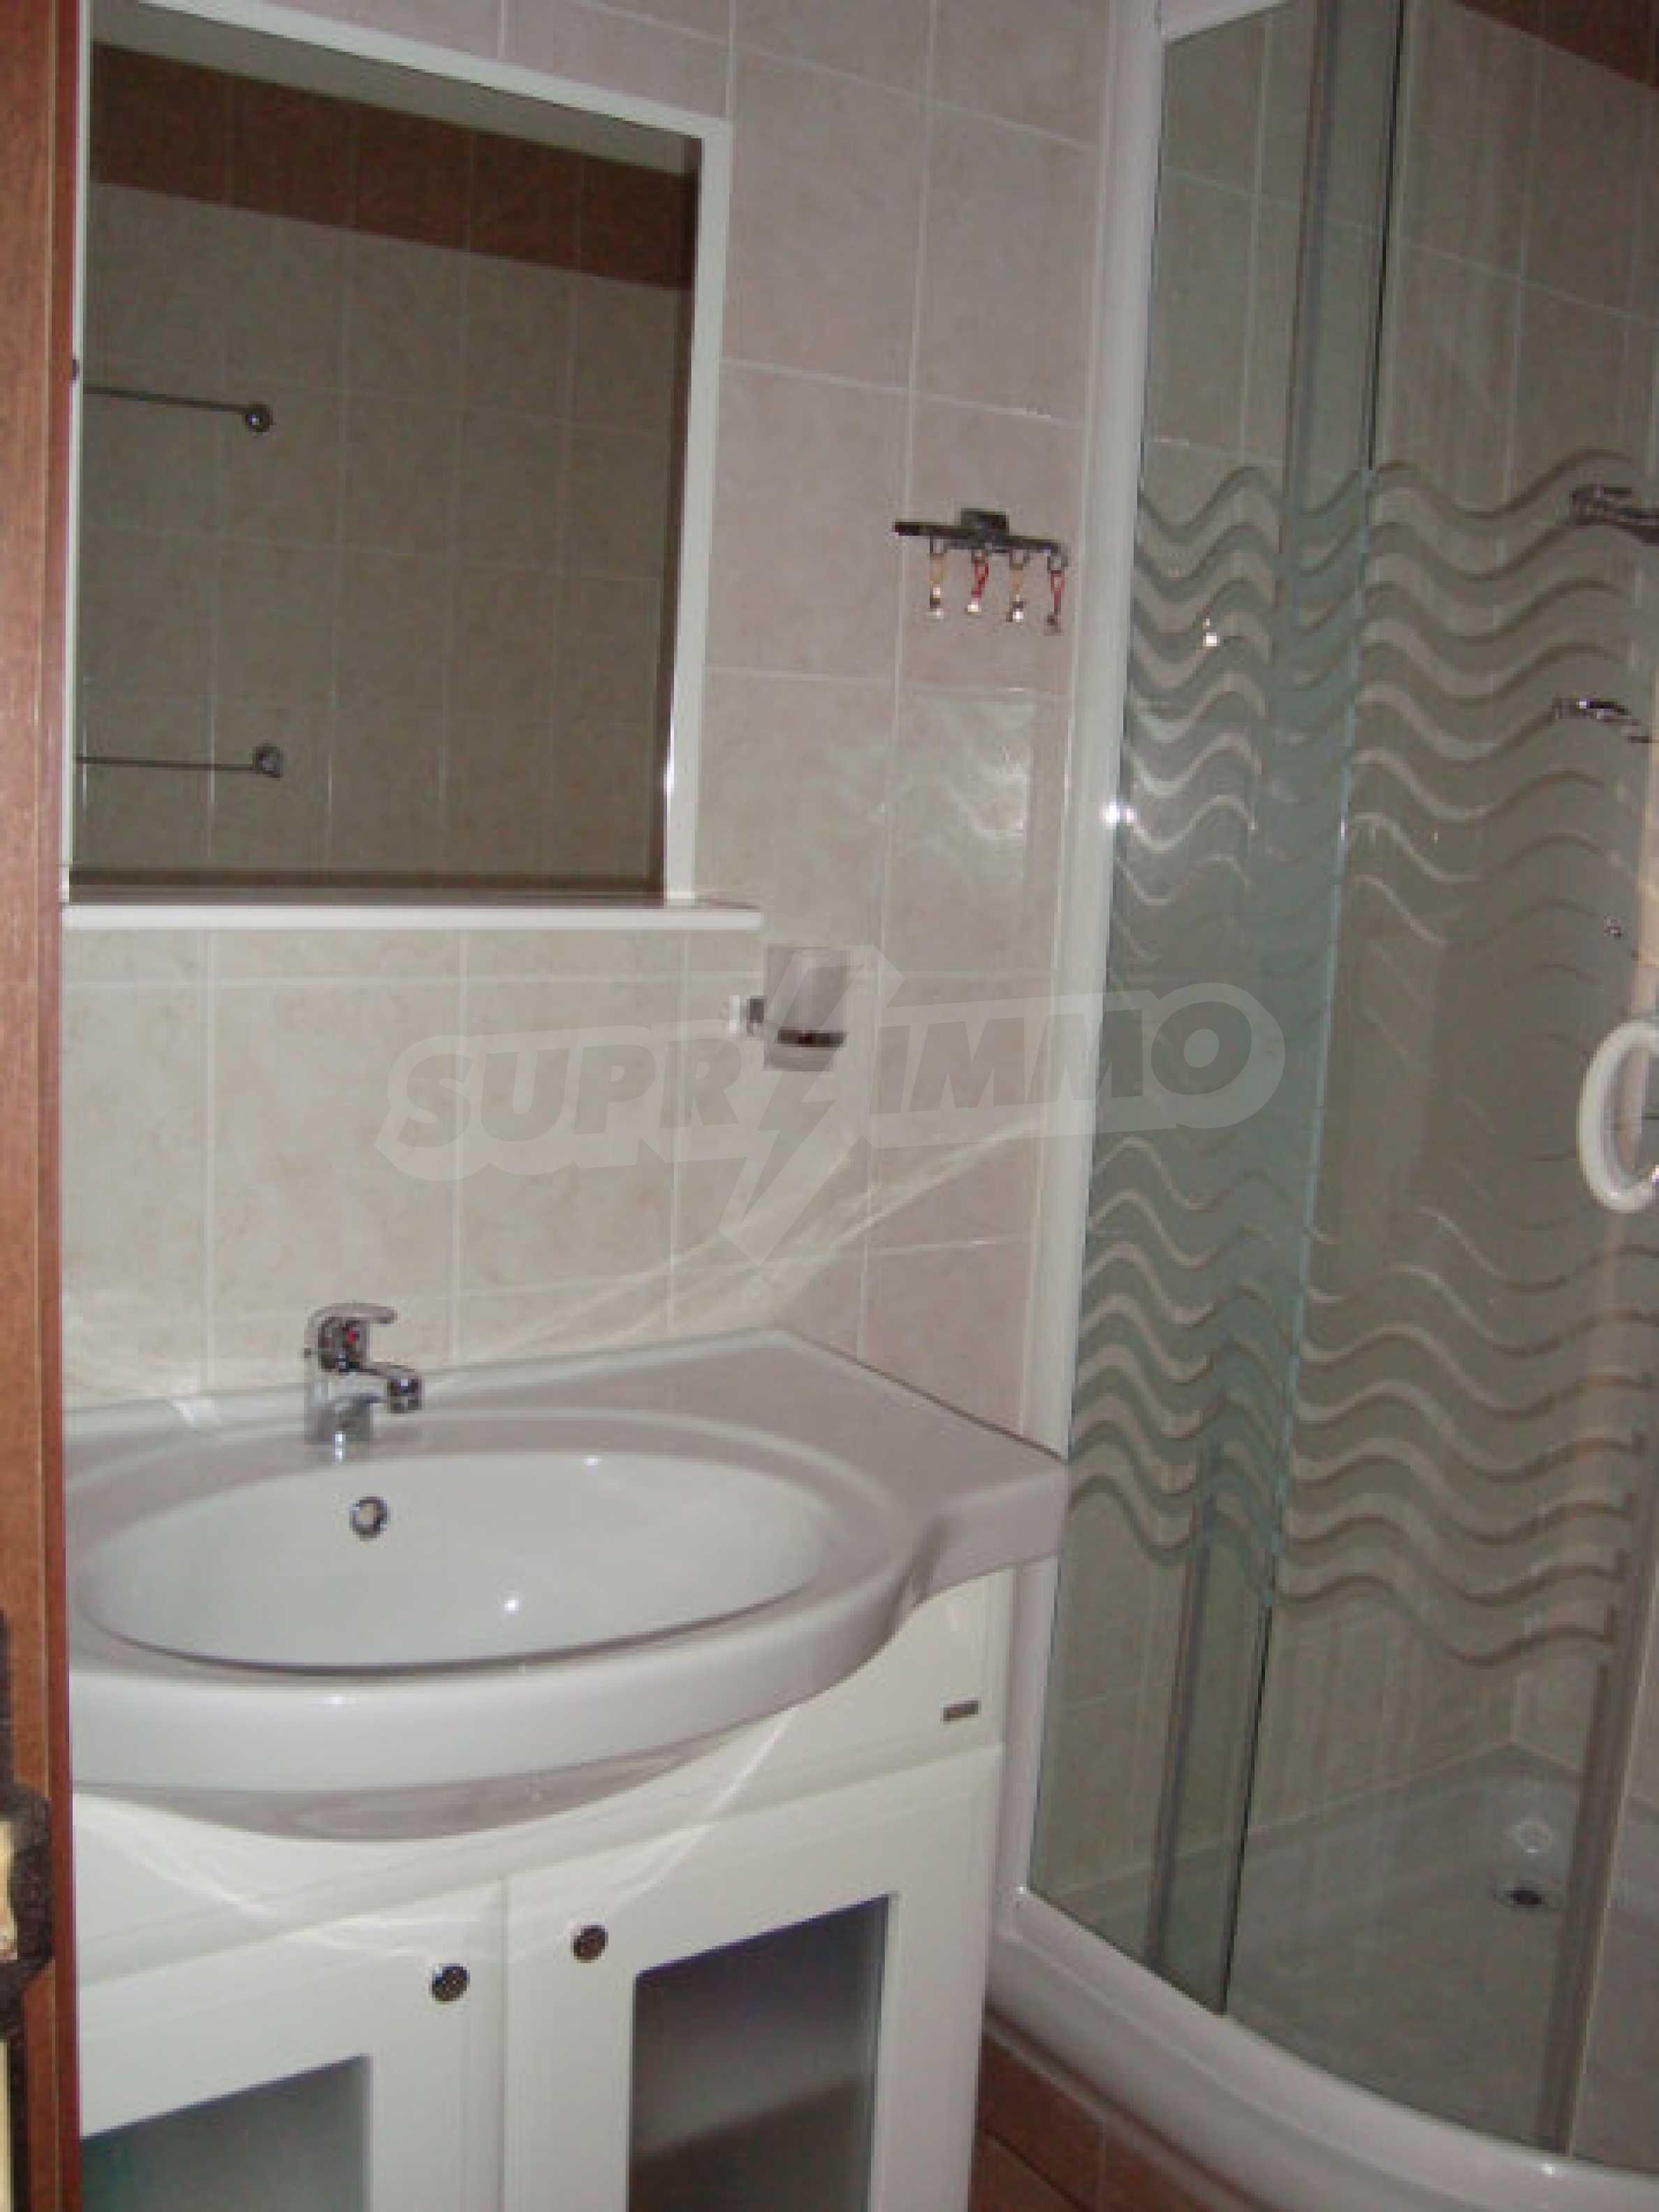 Zwei-Zimmer-Wohnung in Saint Nicholas Komplex in Chernomorets 12